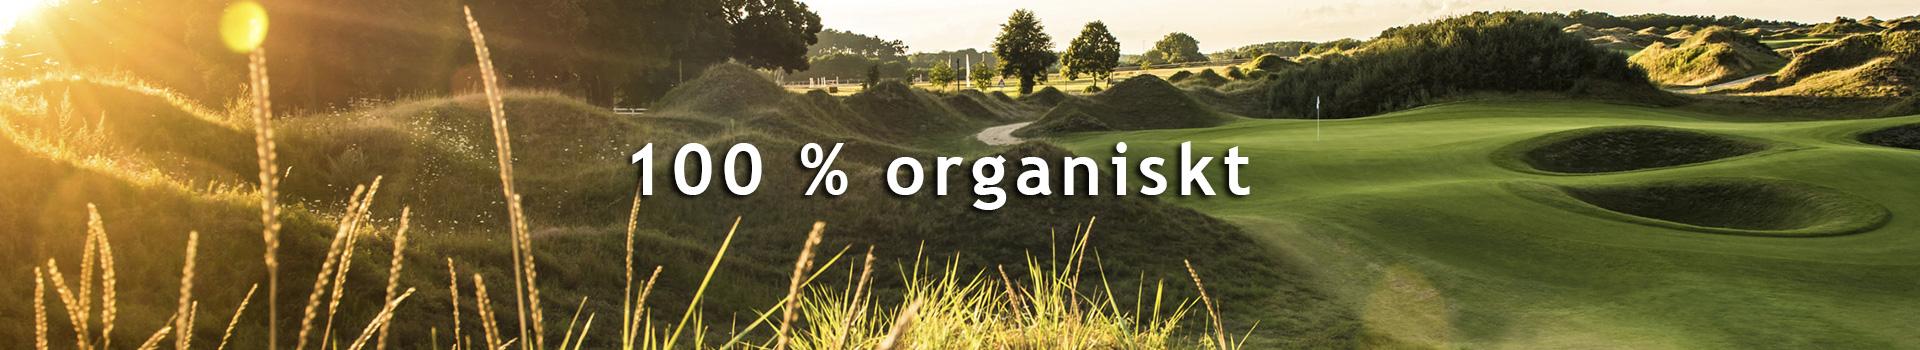 Kategoribillede_100-procent-organisk_SE